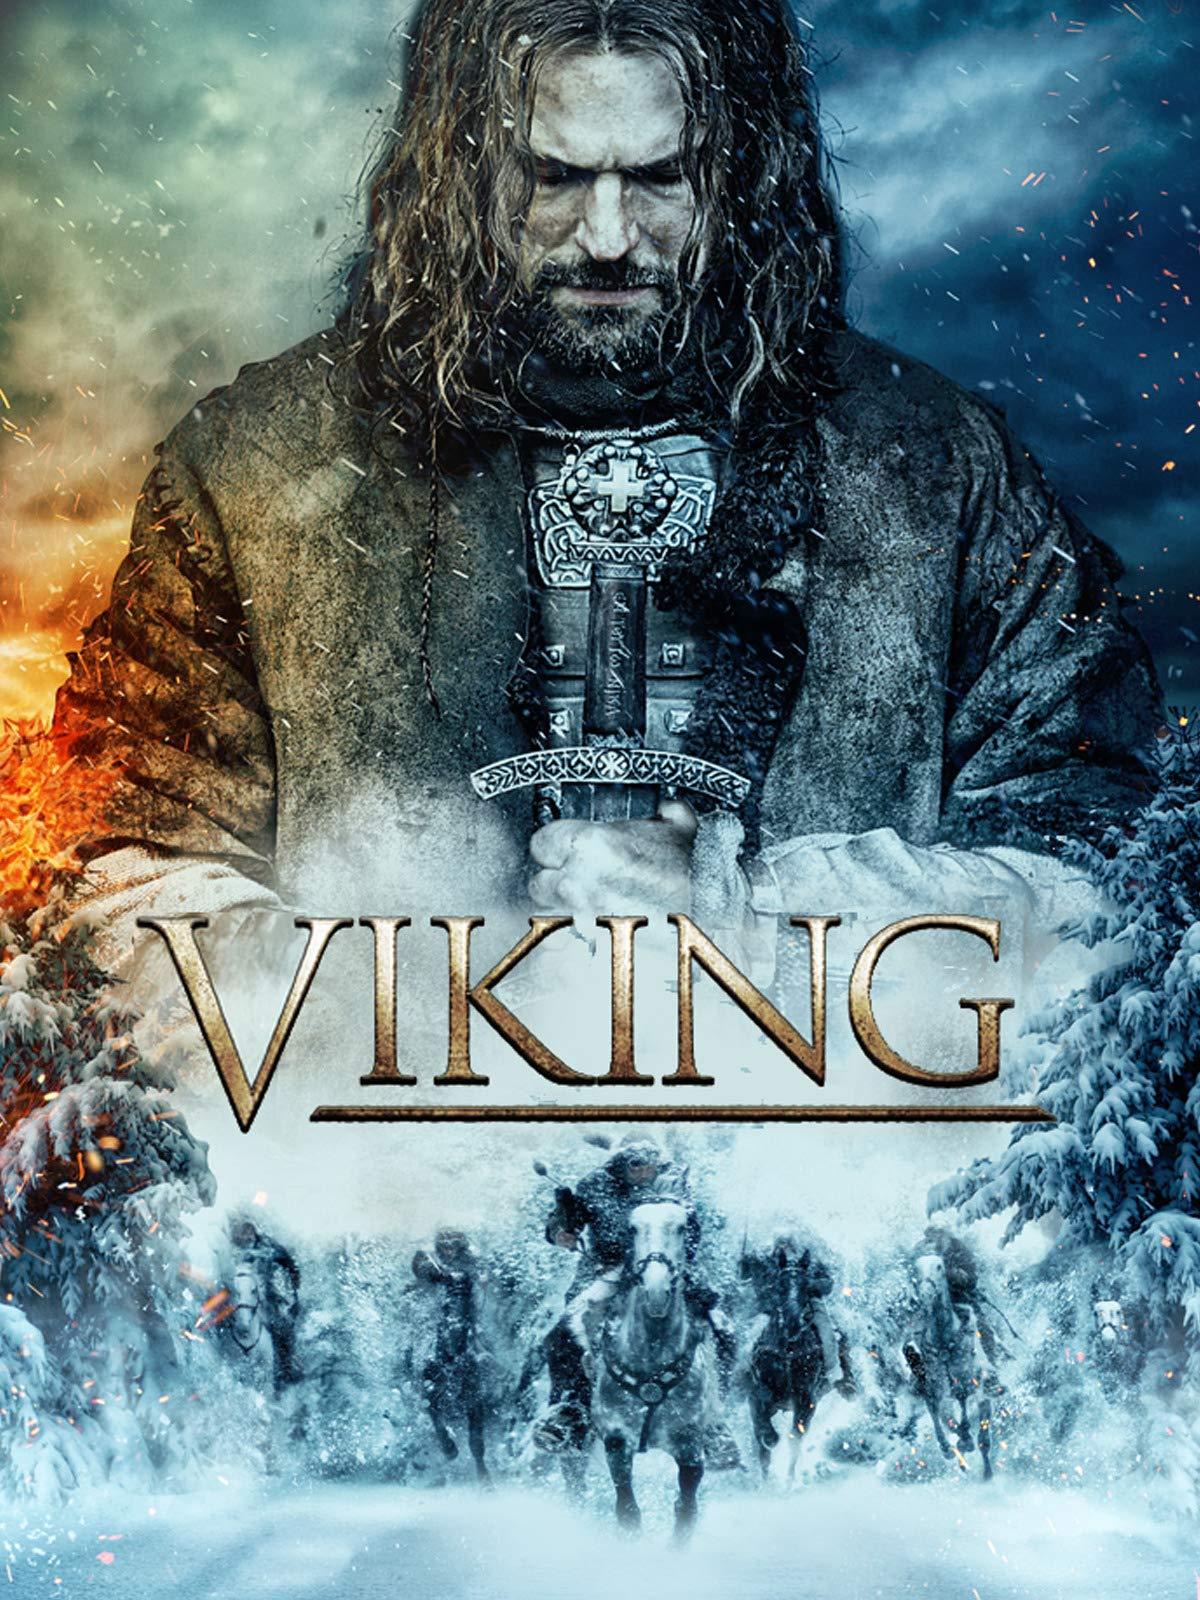 viking blood (2019) english subtitle